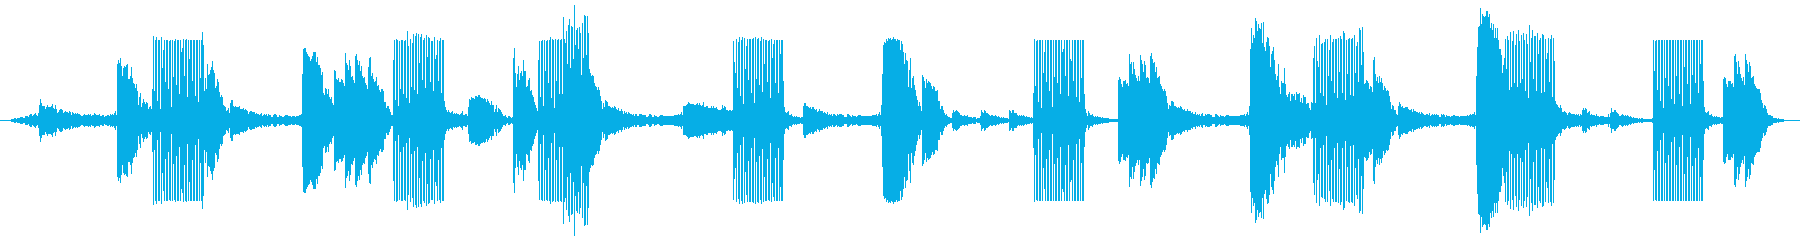 戦場イメージの効果音(タイプA)の再生済みの波形